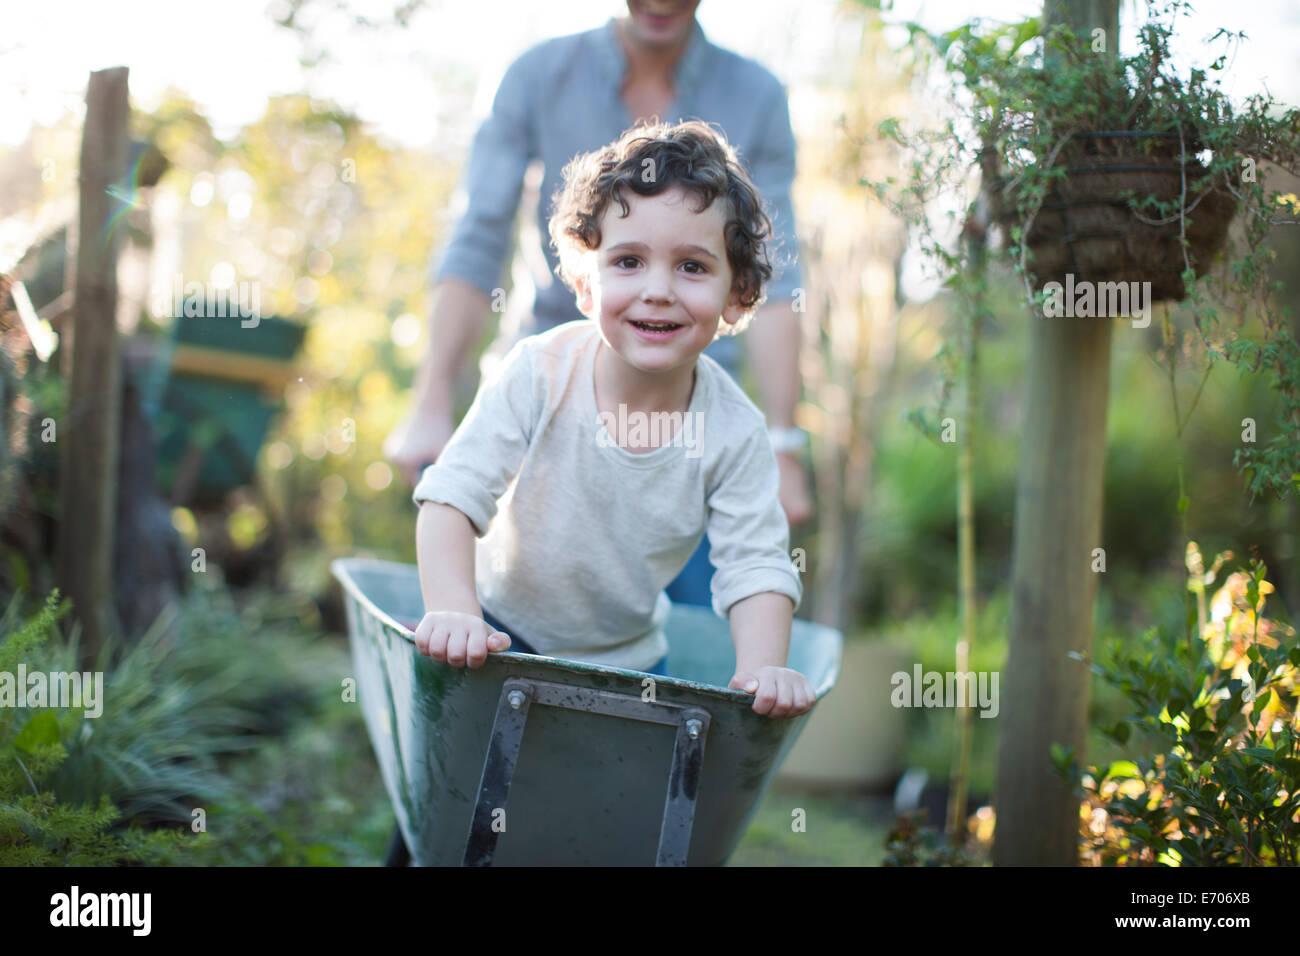 Ritratto di ragazzo di equitazione in carriola sul riparto Immagini Stock